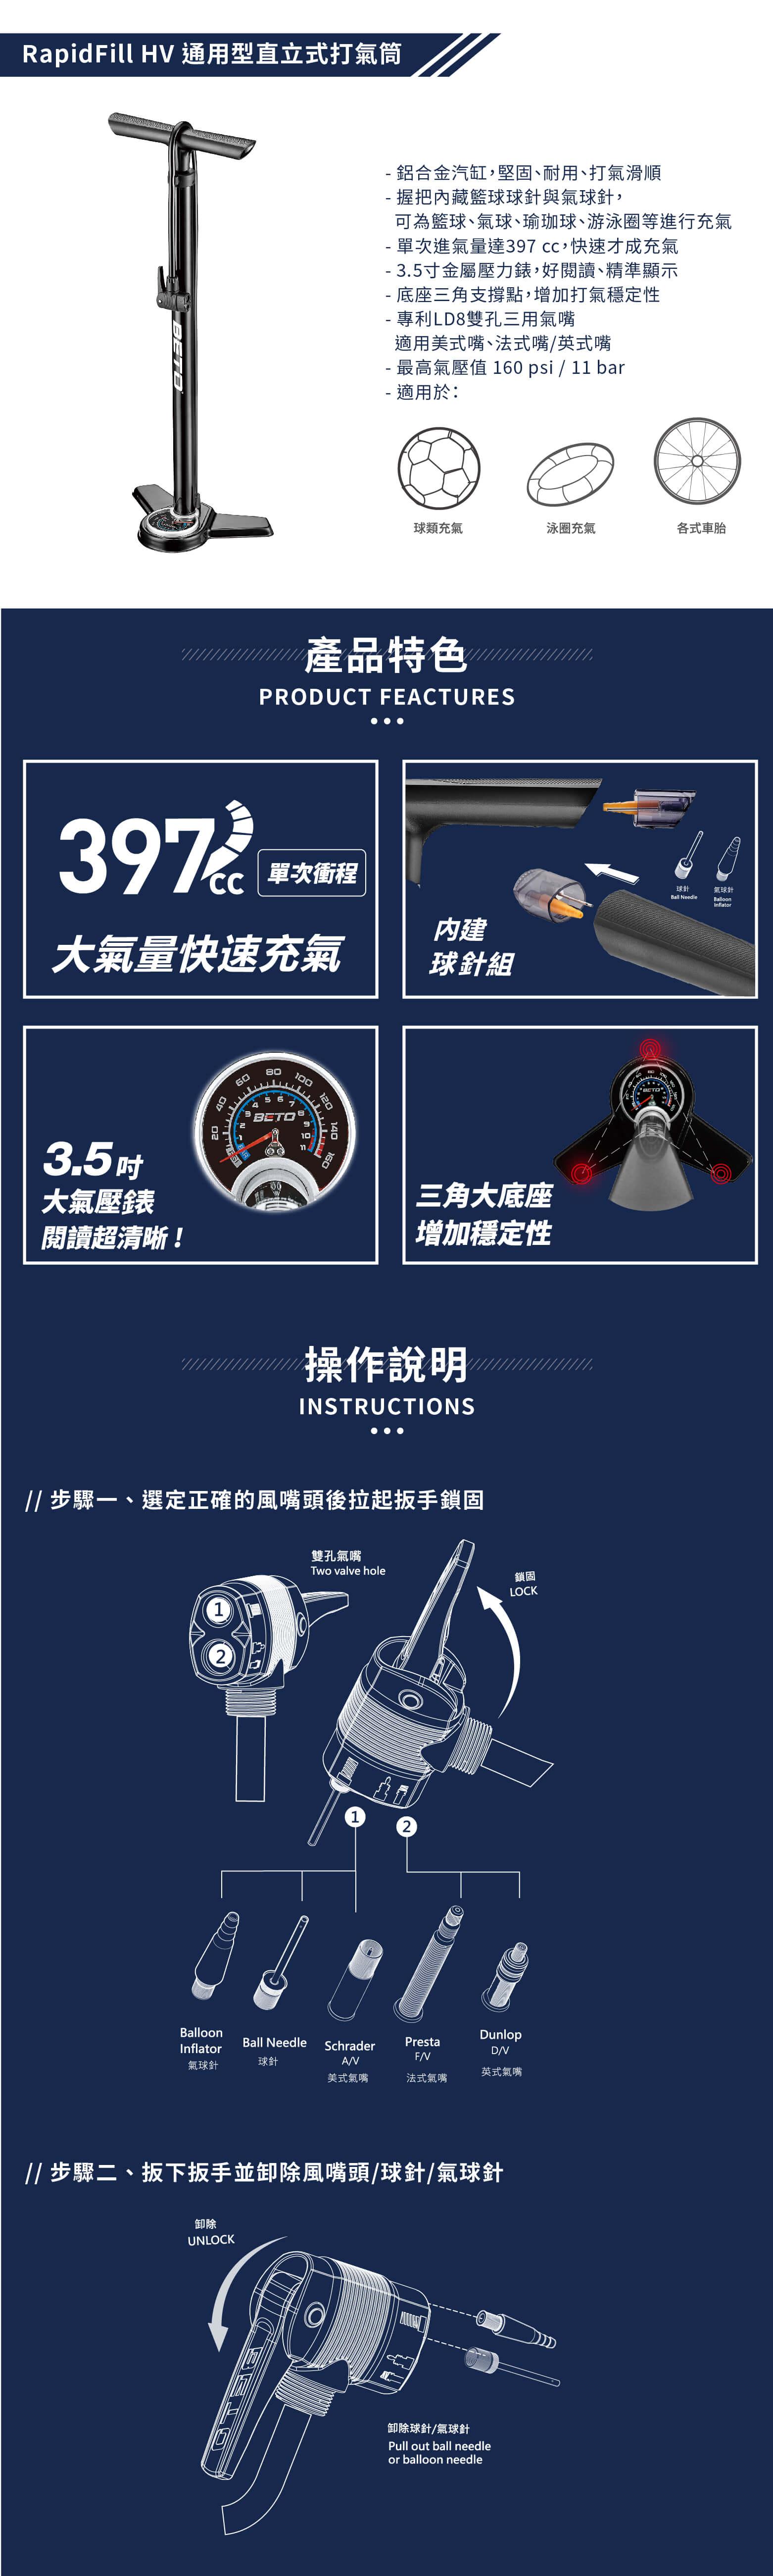 好市多限定款-BETO RapidFill HV 通用型直立式打氣筒